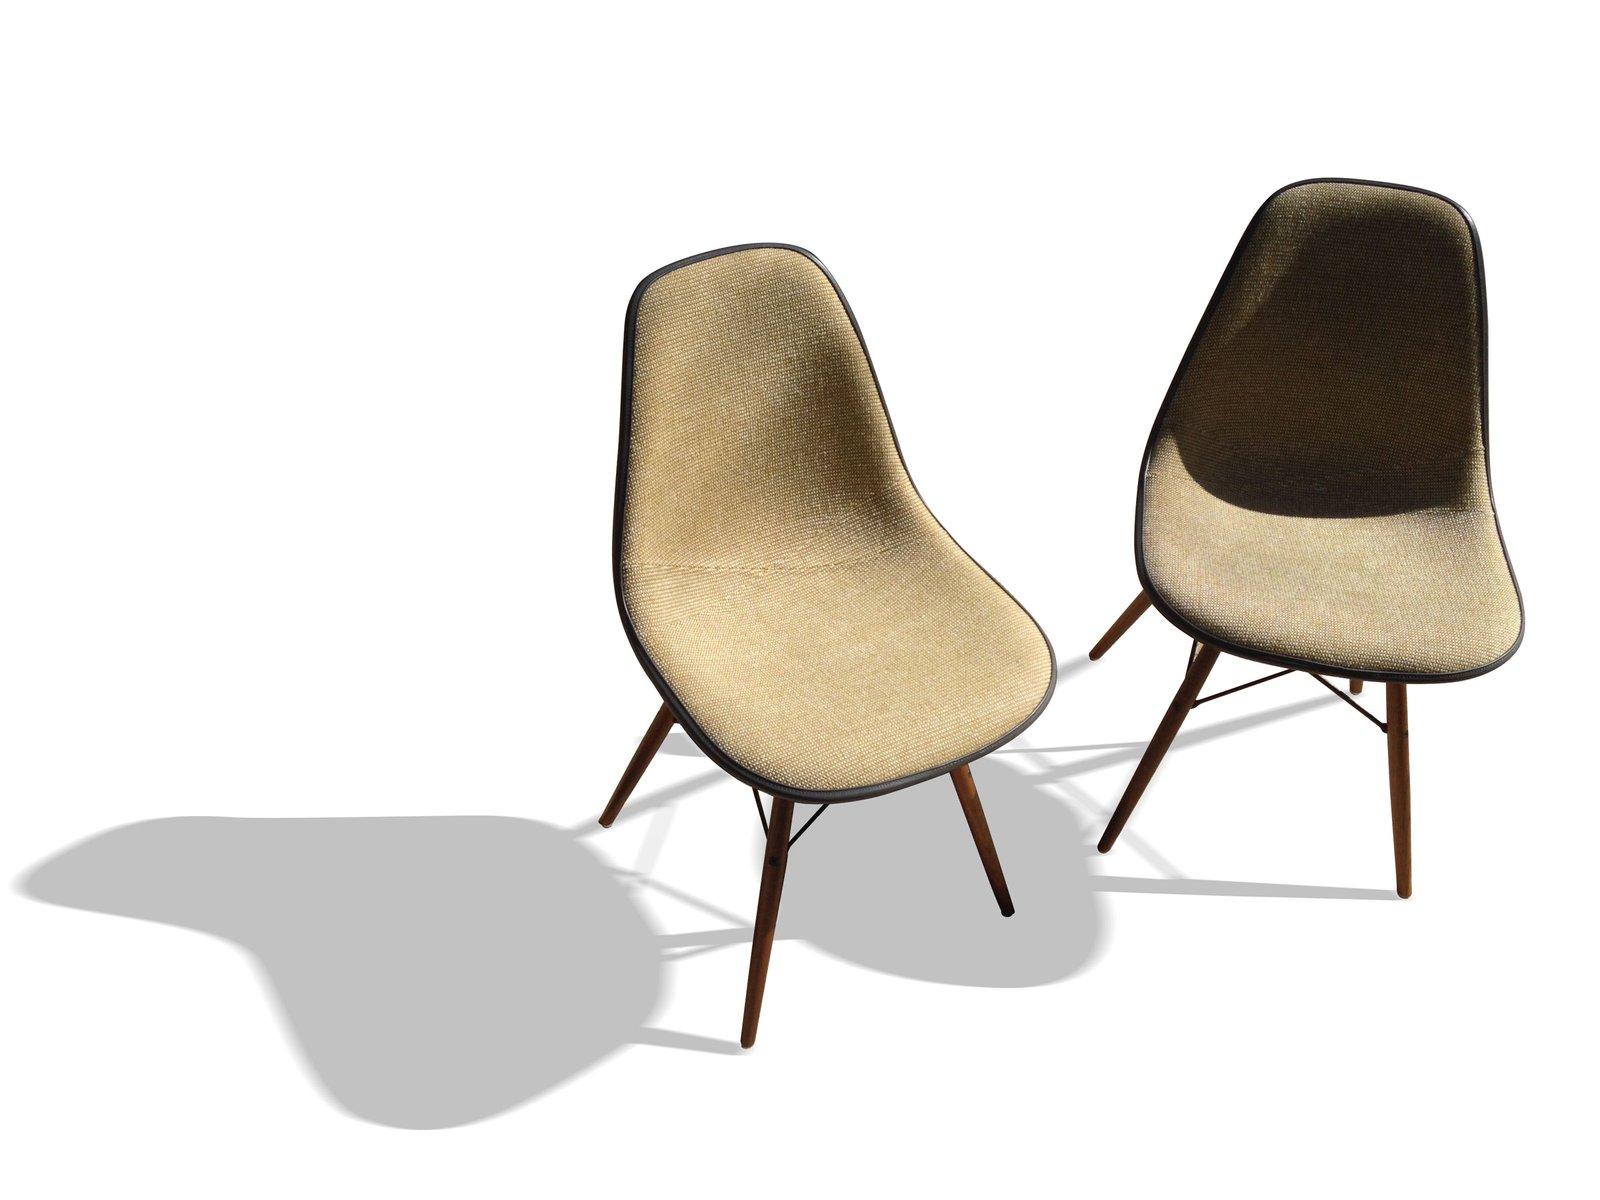 graue dsw st hle von charles und ray eames f r herman miller 2er set bei pamono kaufen. Black Bedroom Furniture Sets. Home Design Ideas